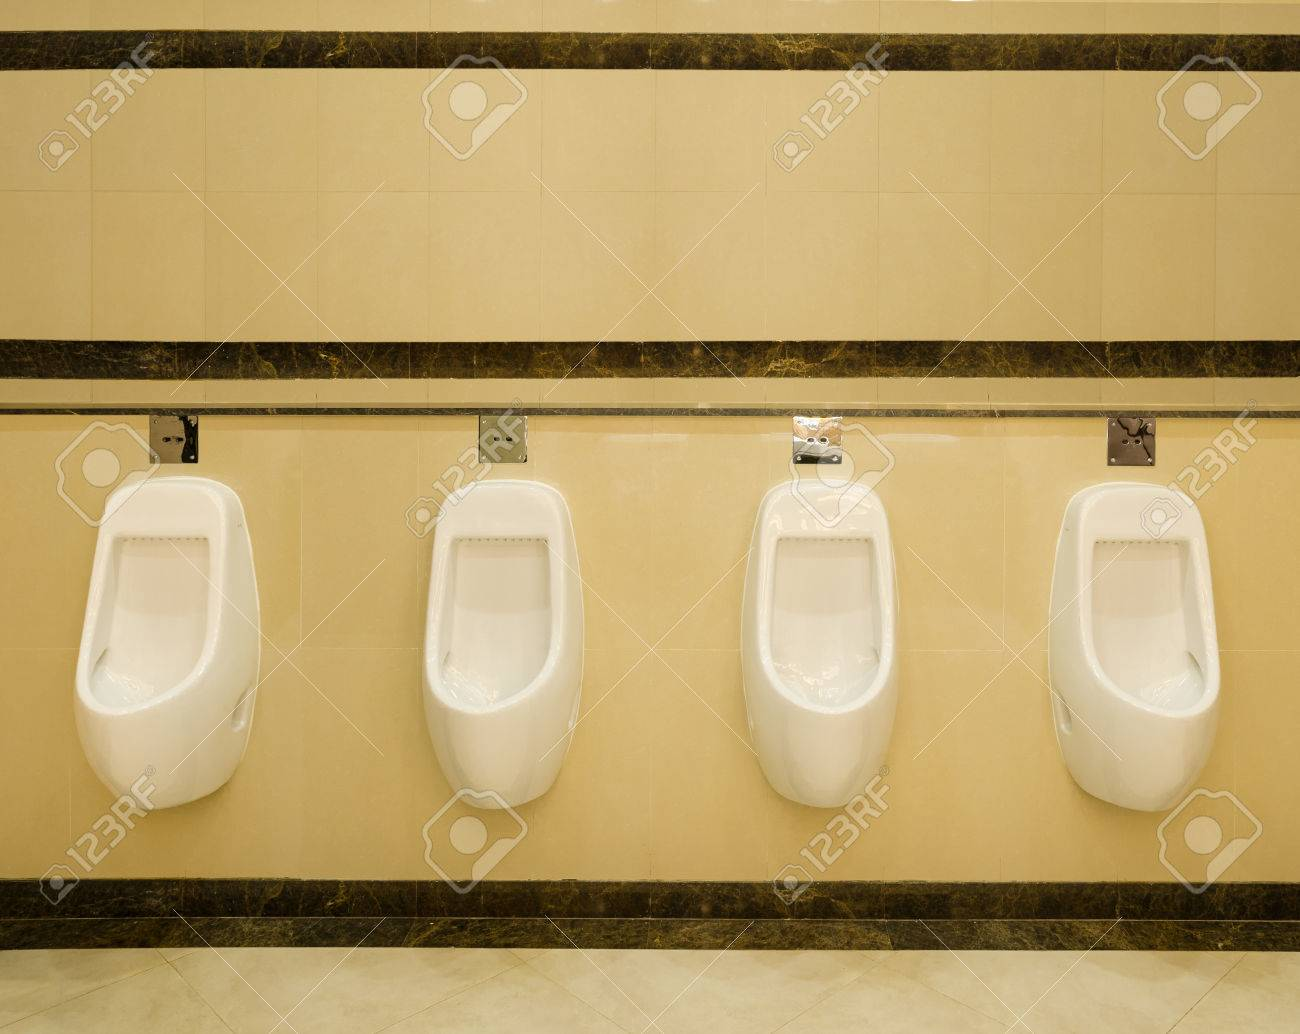 L\'intérieur des toilettes décoration de style moderne avec du blanc rangée  urinoir.